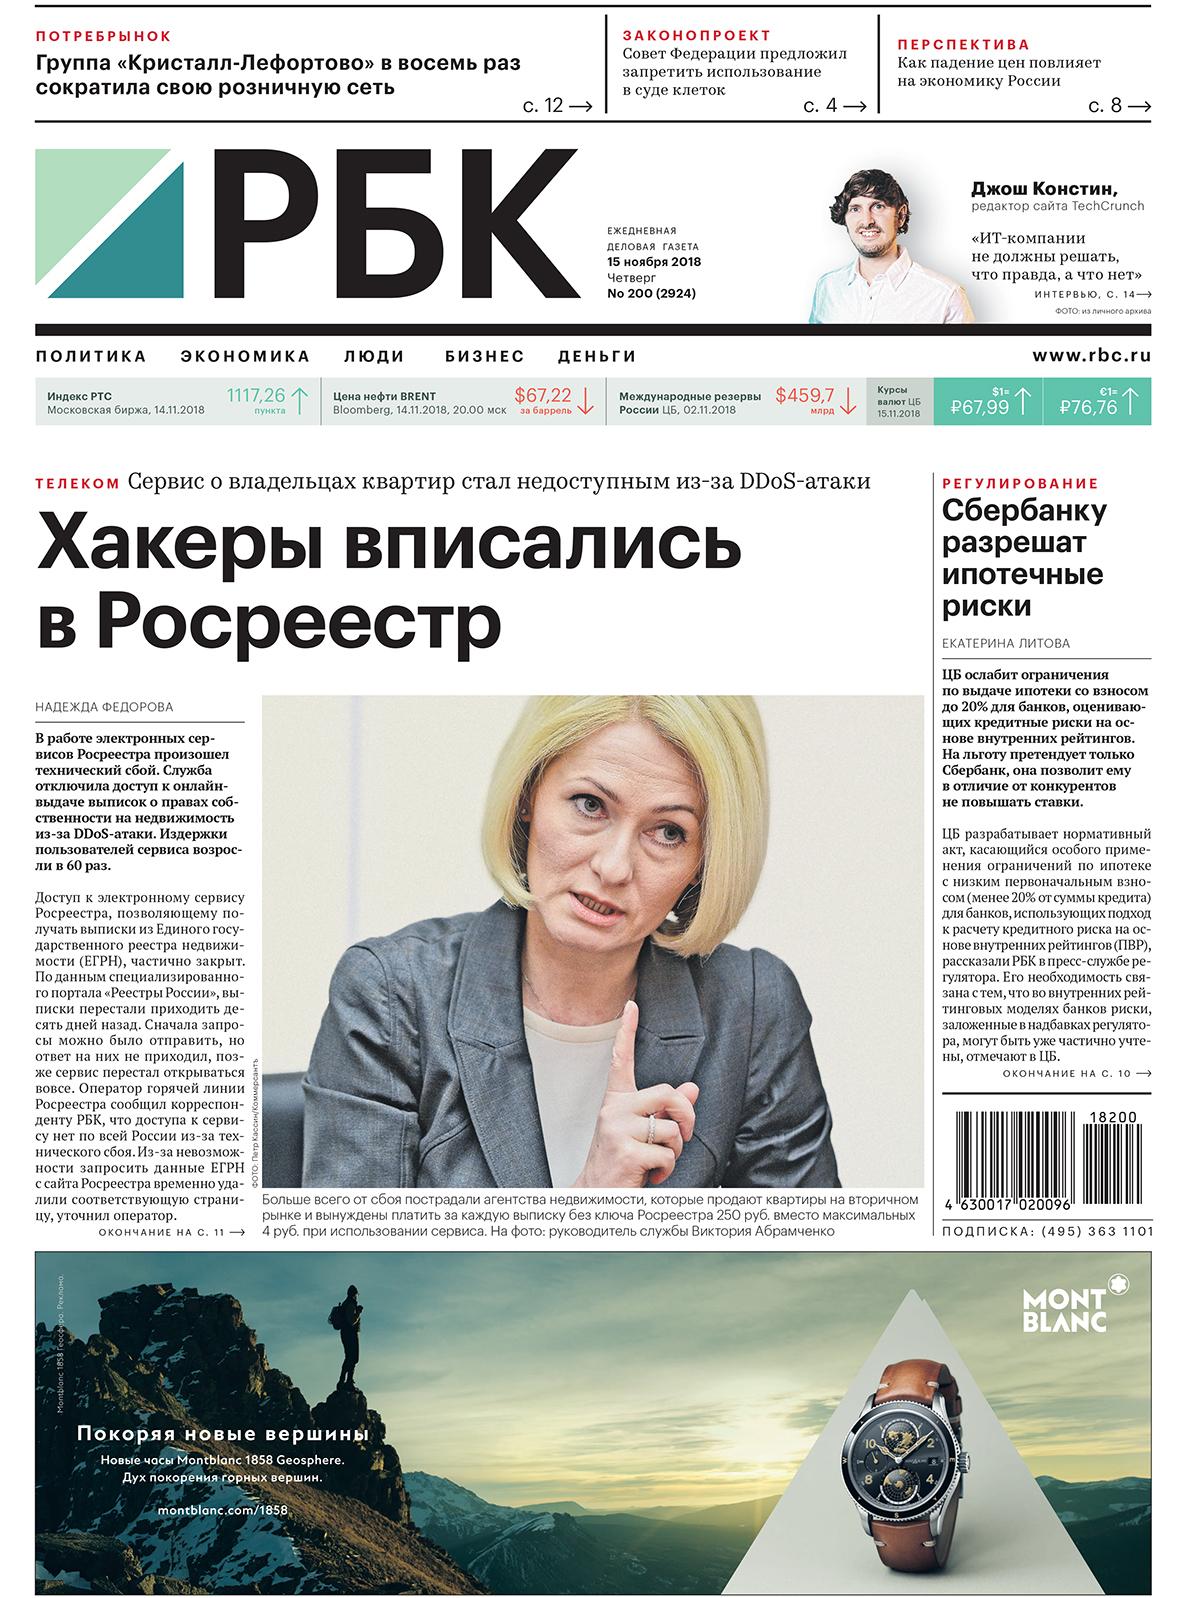 Ежедневная Деловая Газета Рбк 200-2018